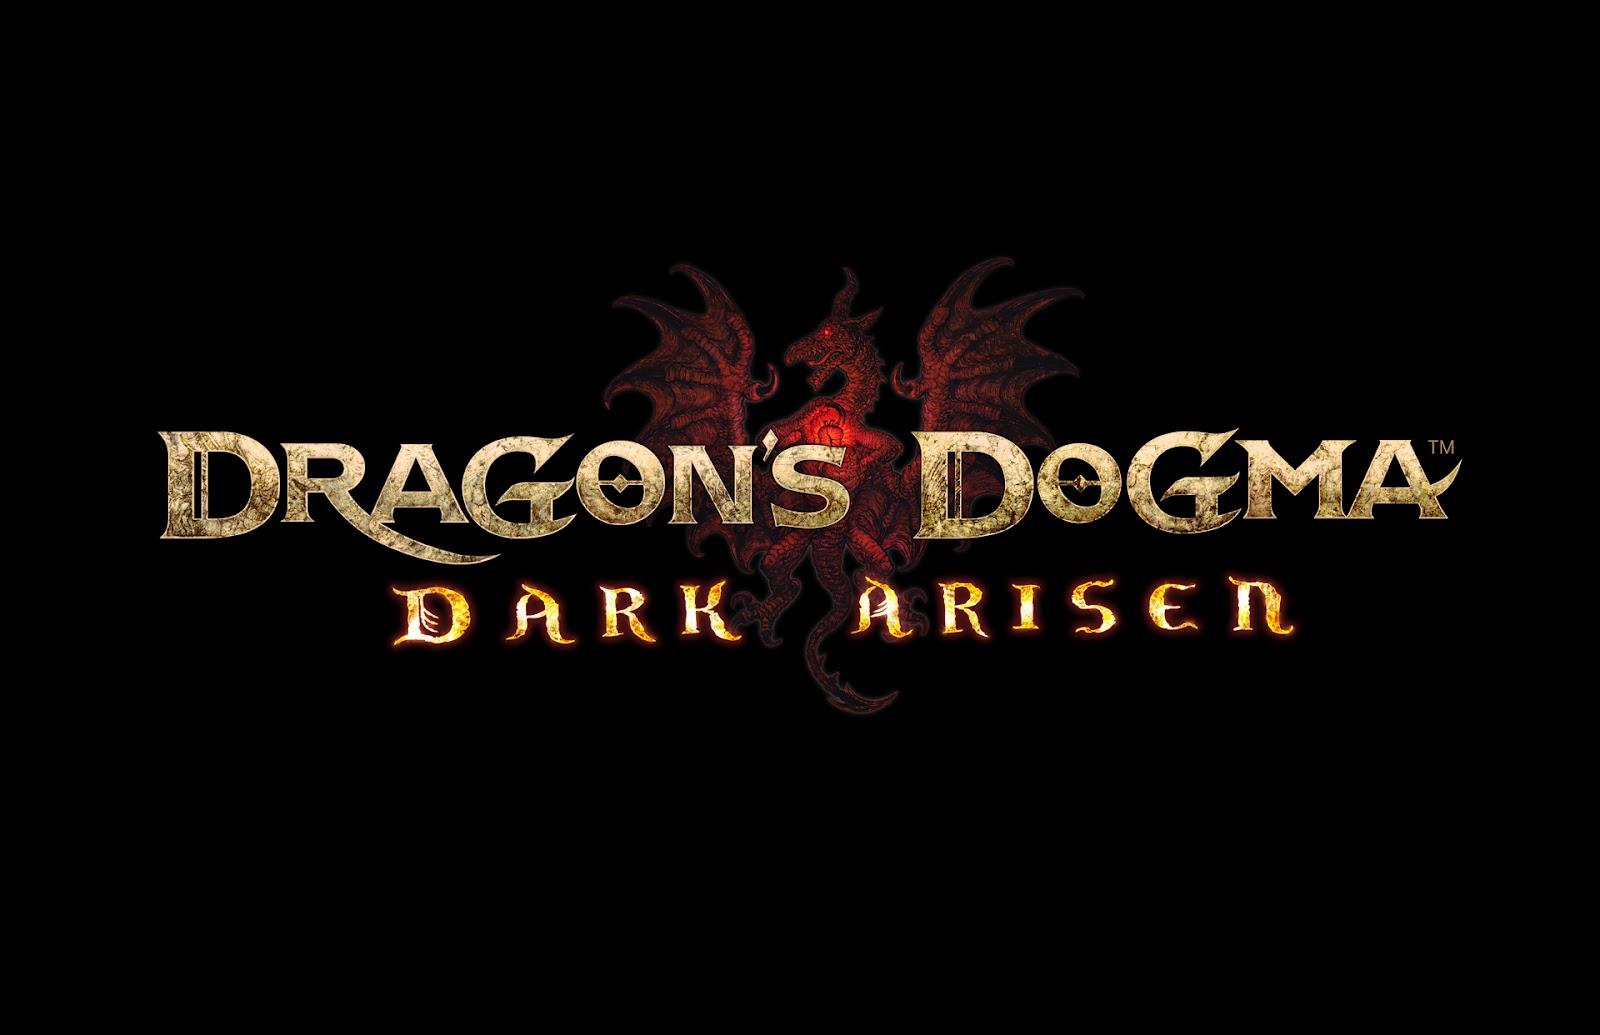 تماشا کنید: تریلر جدید نسخه بازسازی شده Dragon's Dogma: Dark Arisen شما را با کلاسهای بازی آشنا میکند